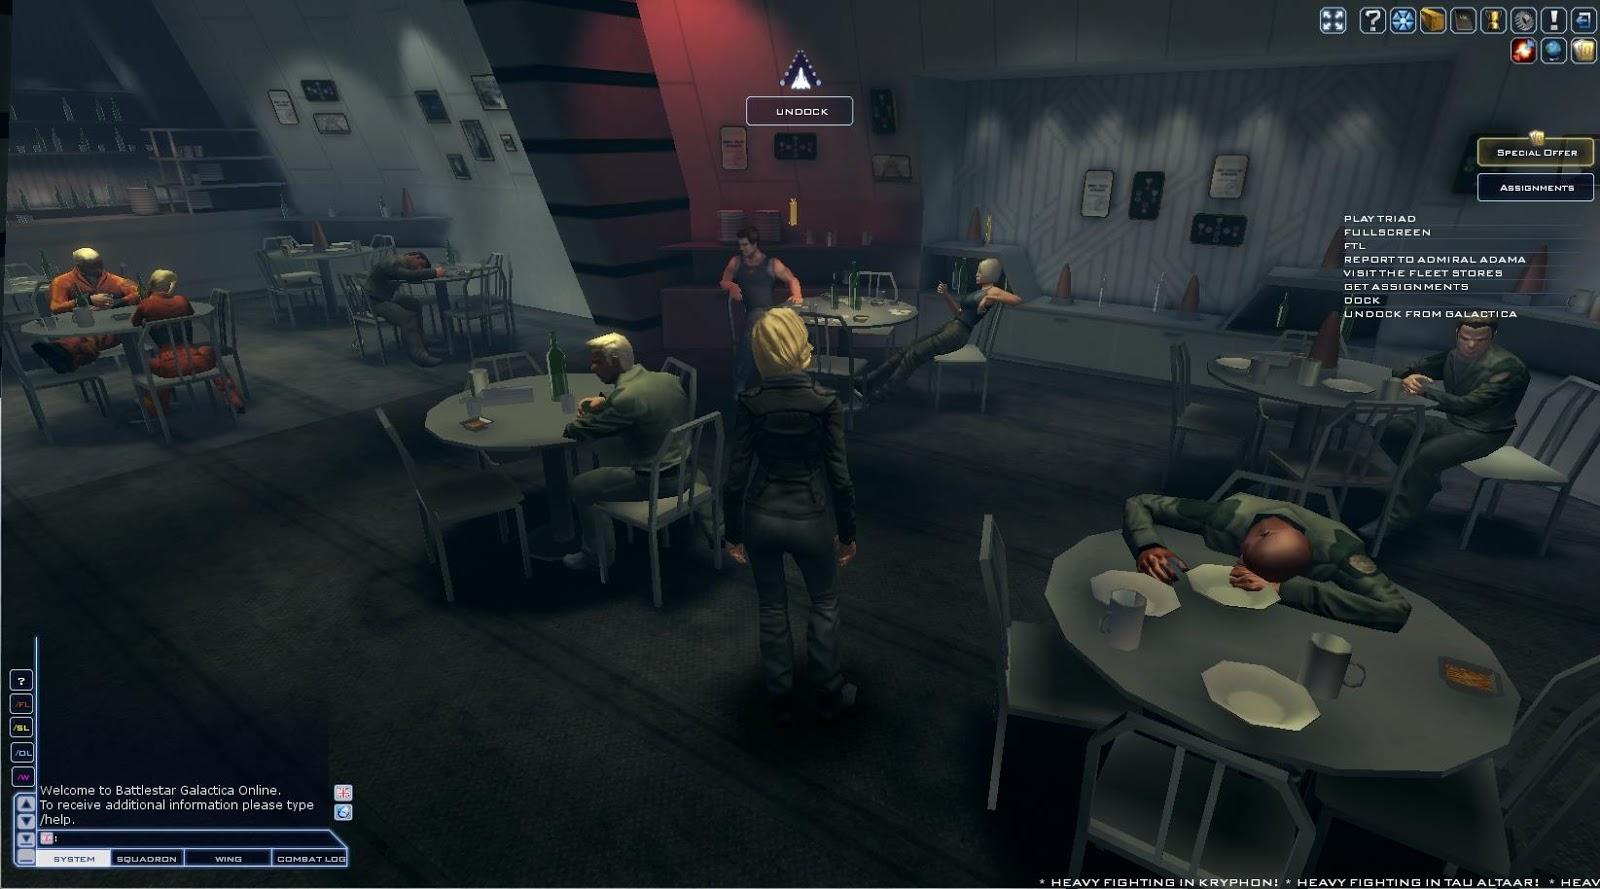 Battlestar Galactica Online - REC room